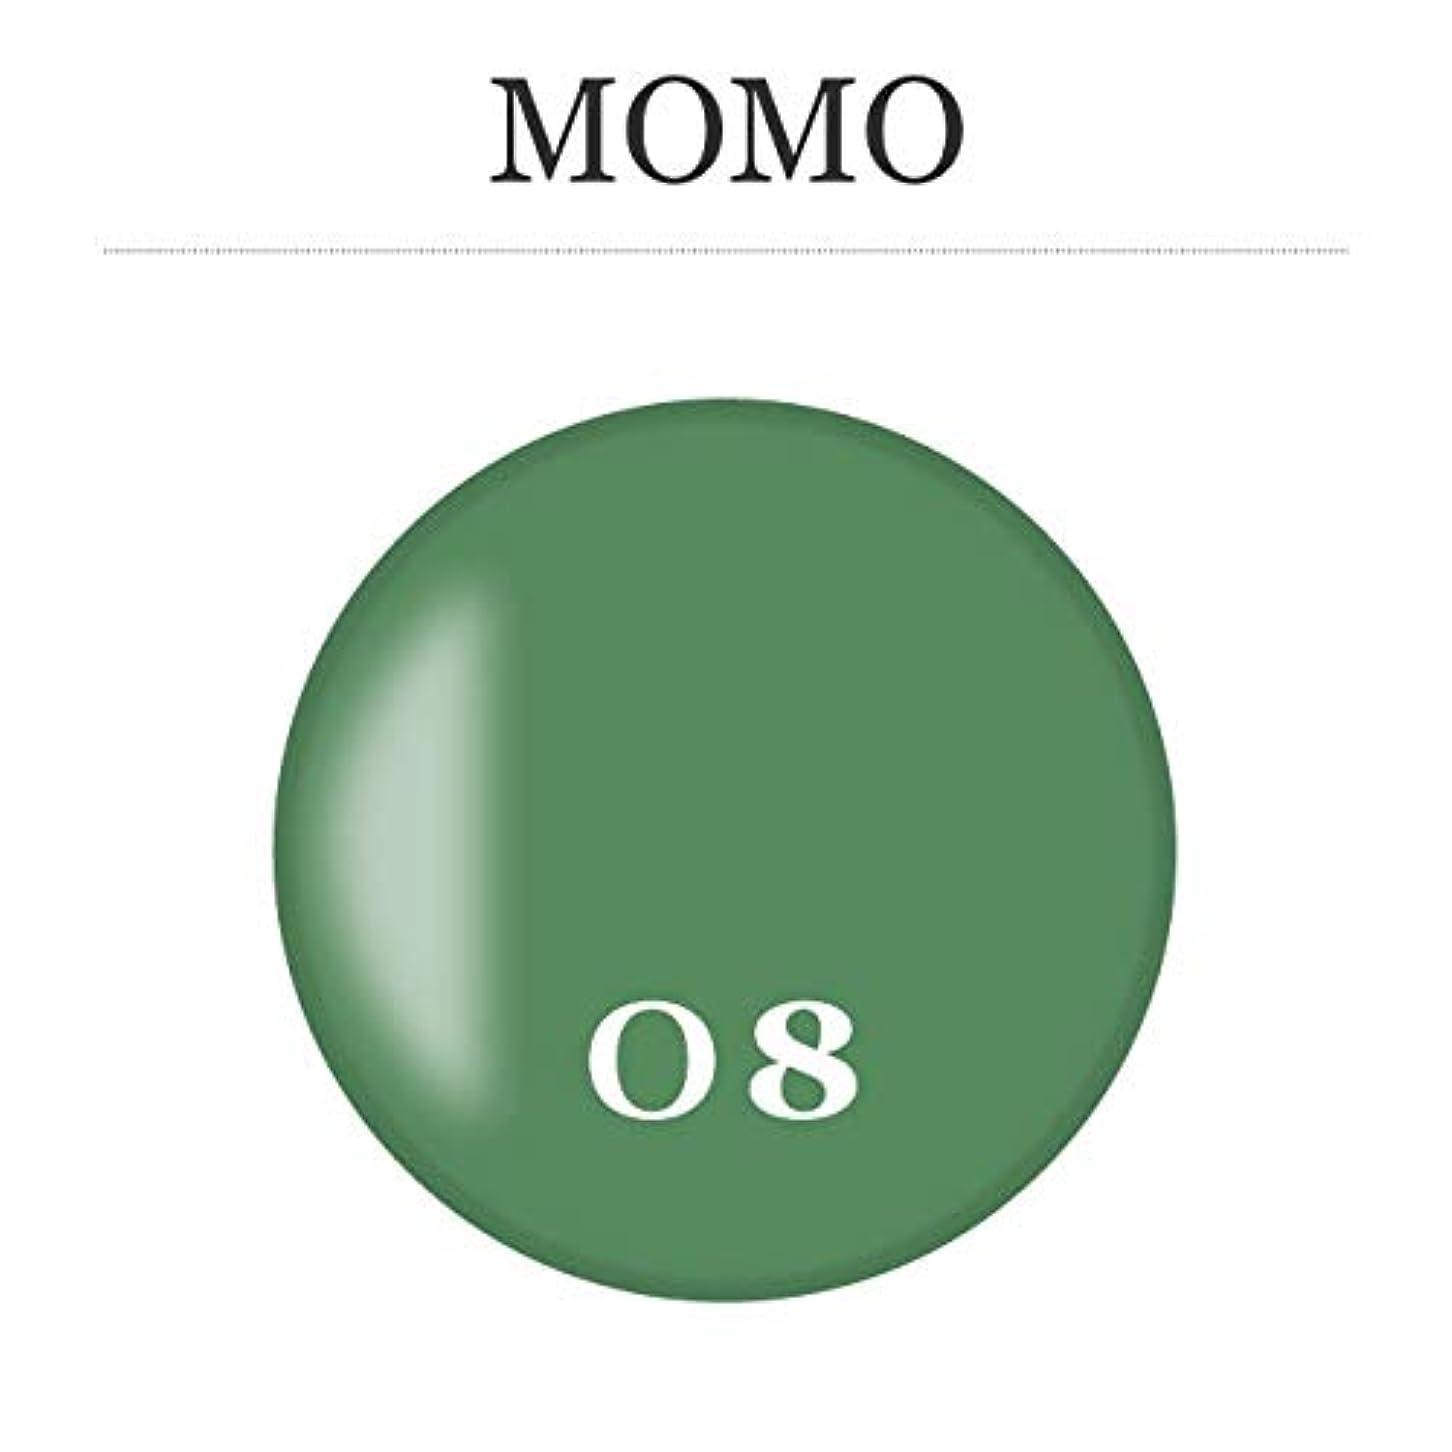 役割絶滅した複雑カラージェル MOMO-08 by nail for all